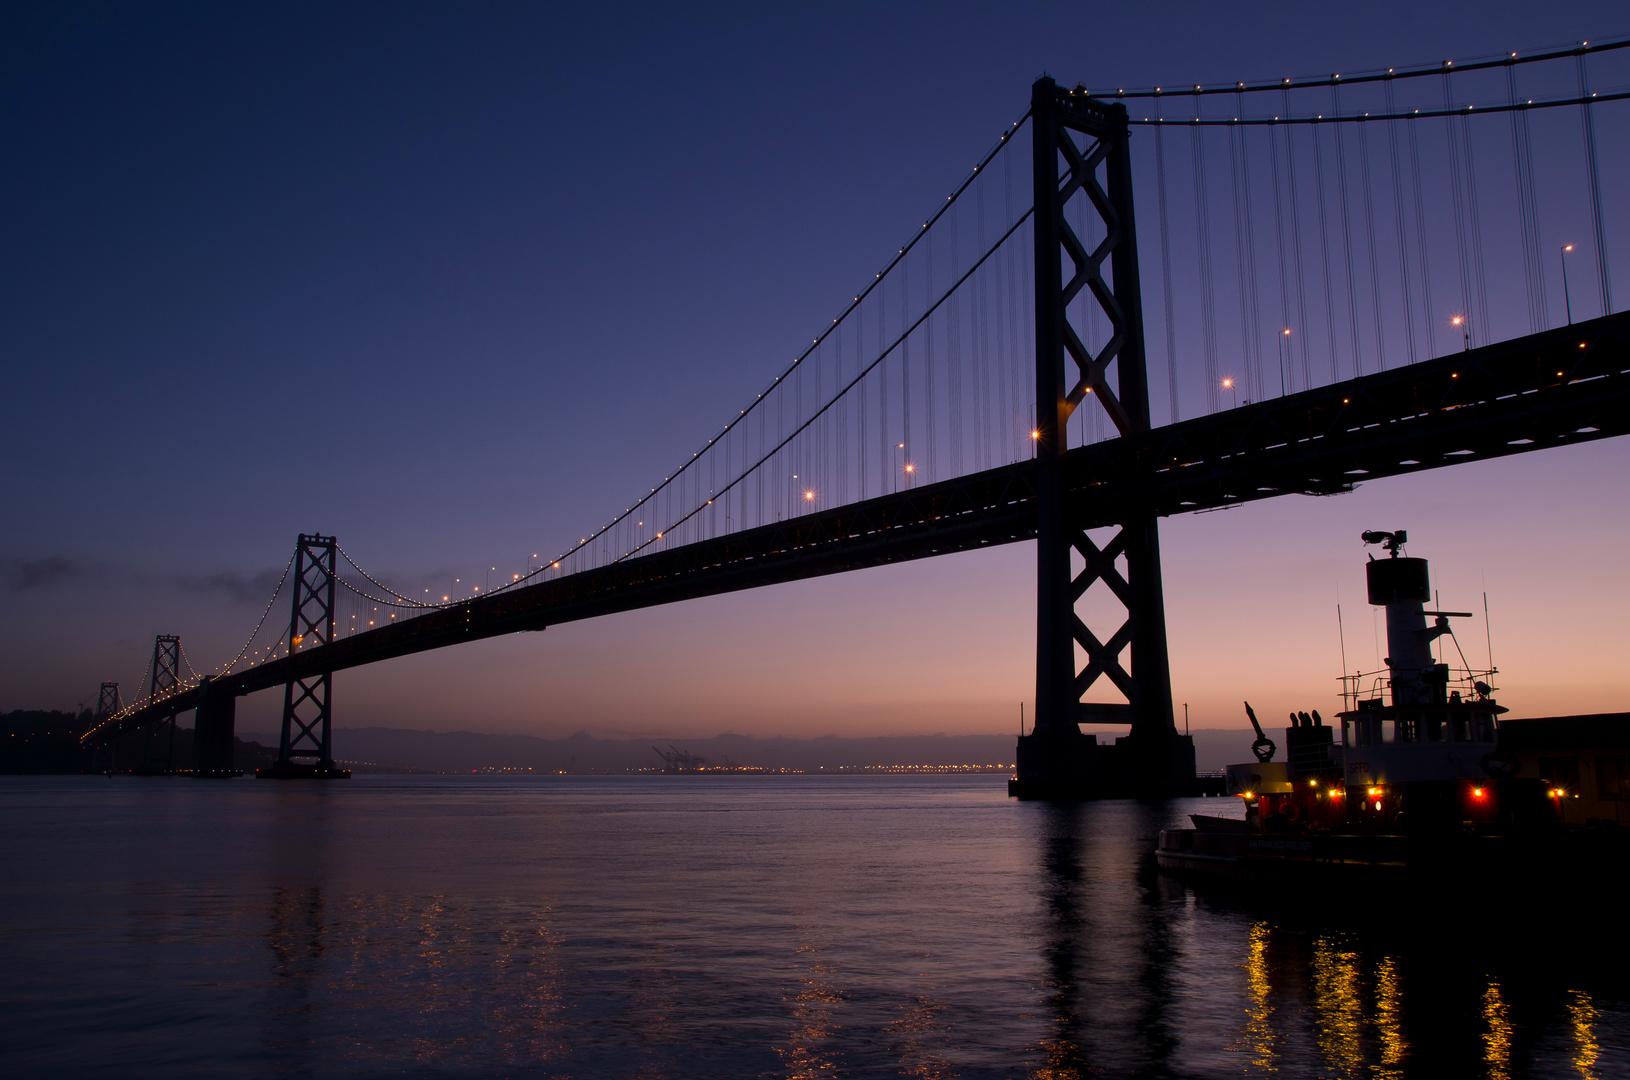 Brücken verbinden ...